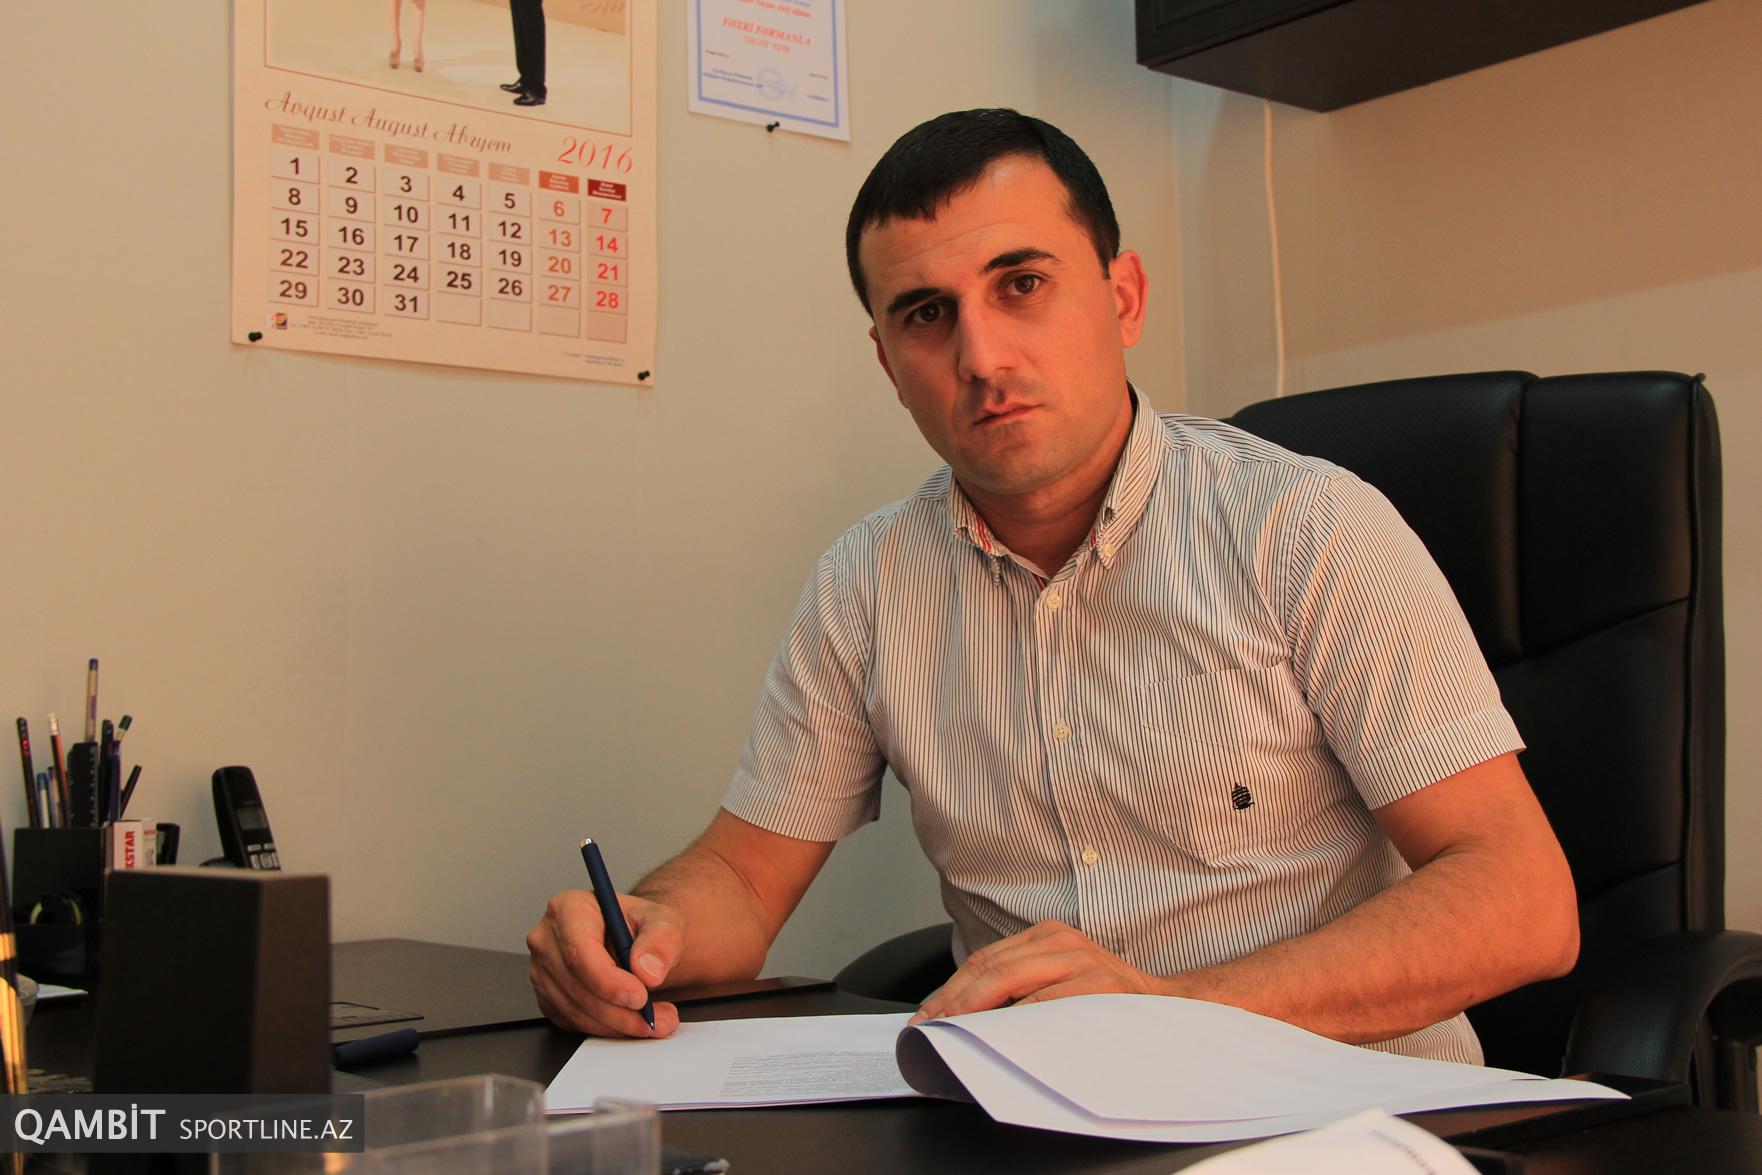 Nazim Nurullayev